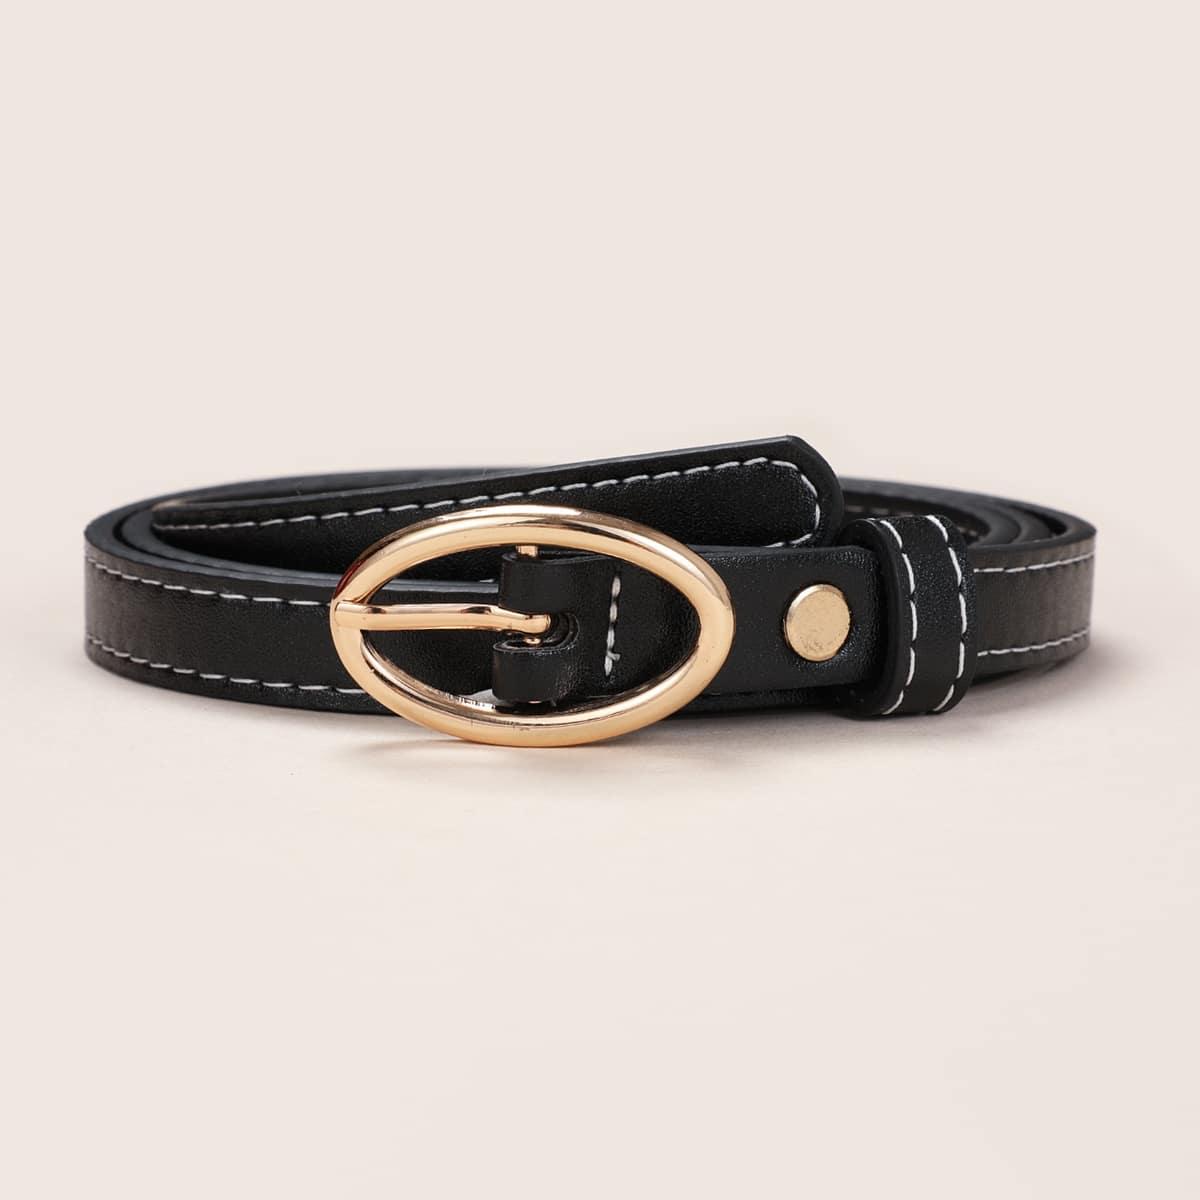 SHEIN / Gürtel mit Oval Schnalle